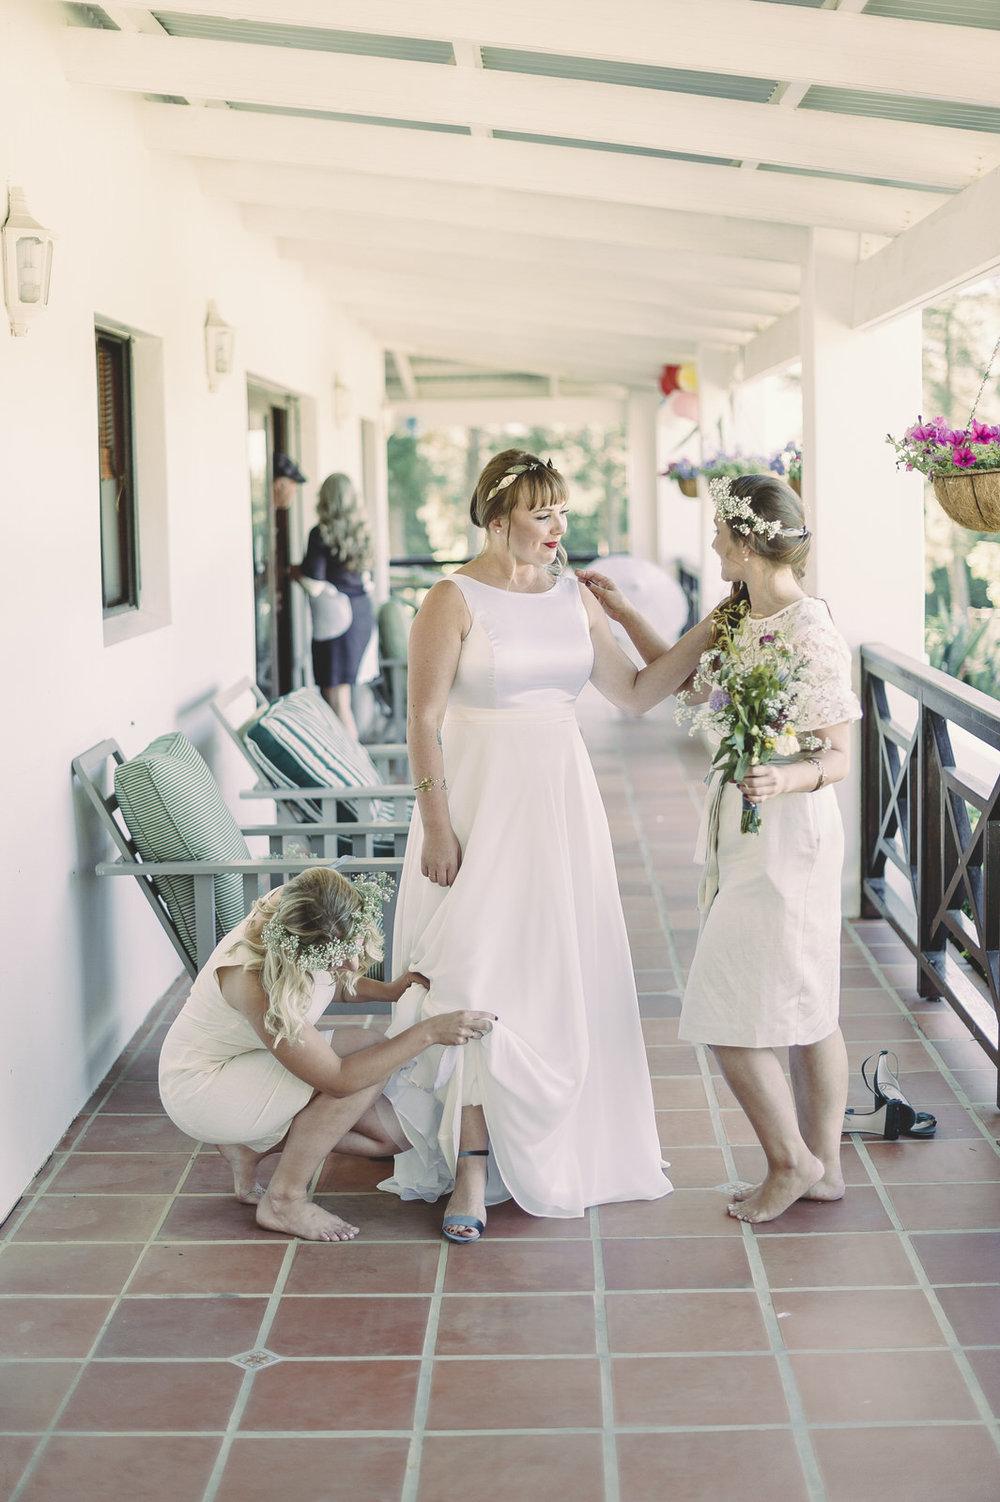 RyanParker_Wedding_CapeTown_Hermanus_R+E_DSC_4738.jpg